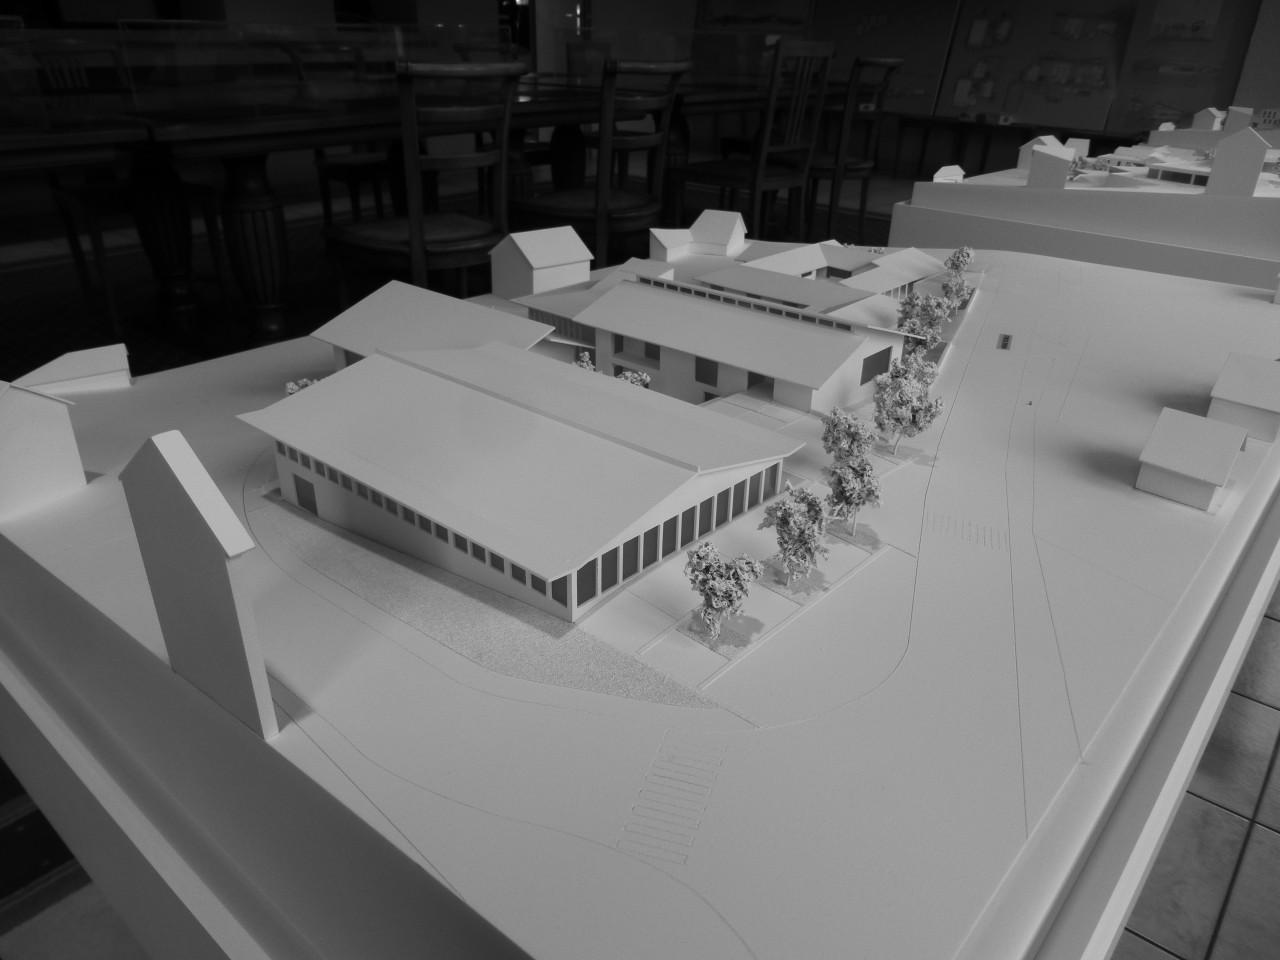 Affaires scolaires mairie de neuvecelle - Cabinet d architecture grenoble ...